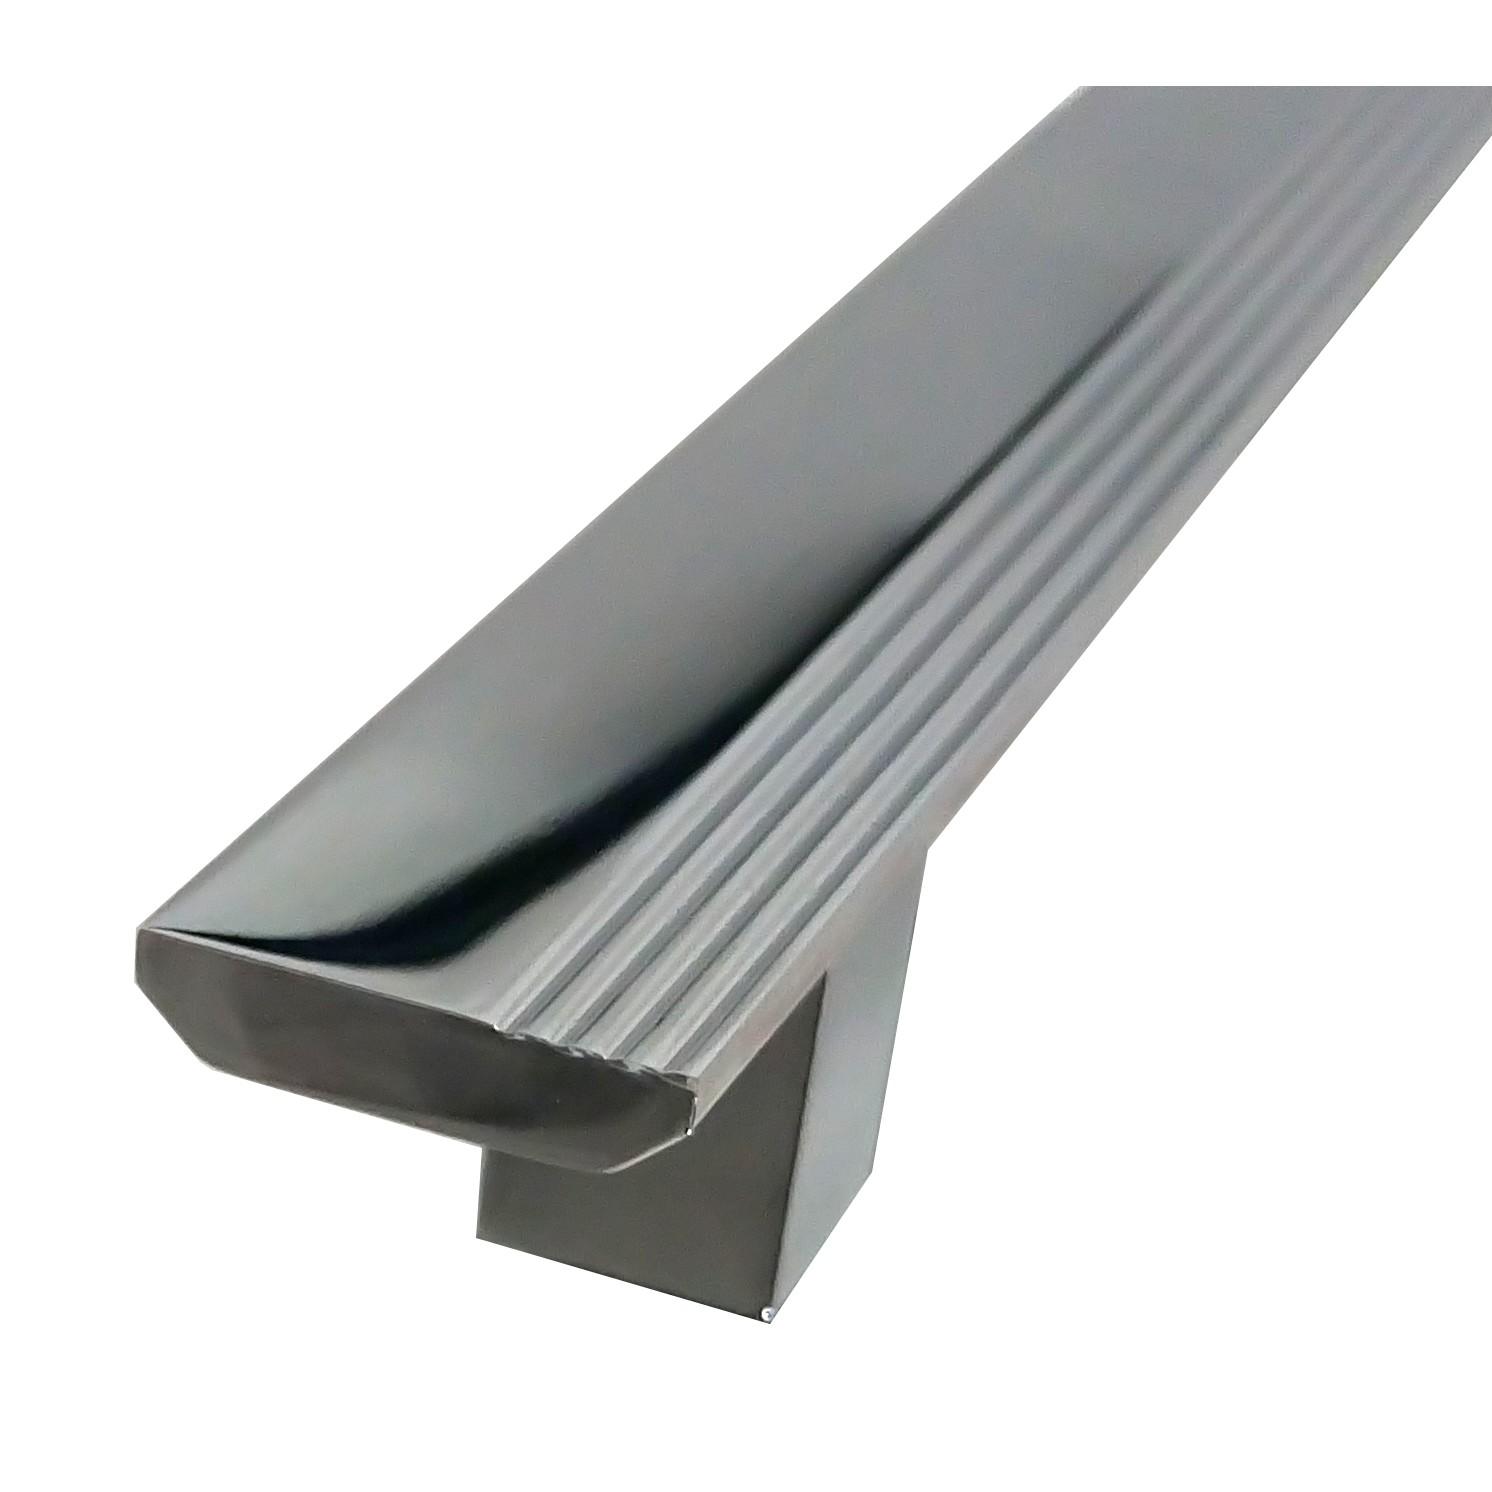 Puxador de Aluminio Cromado 256 mm - Turim Hastvel